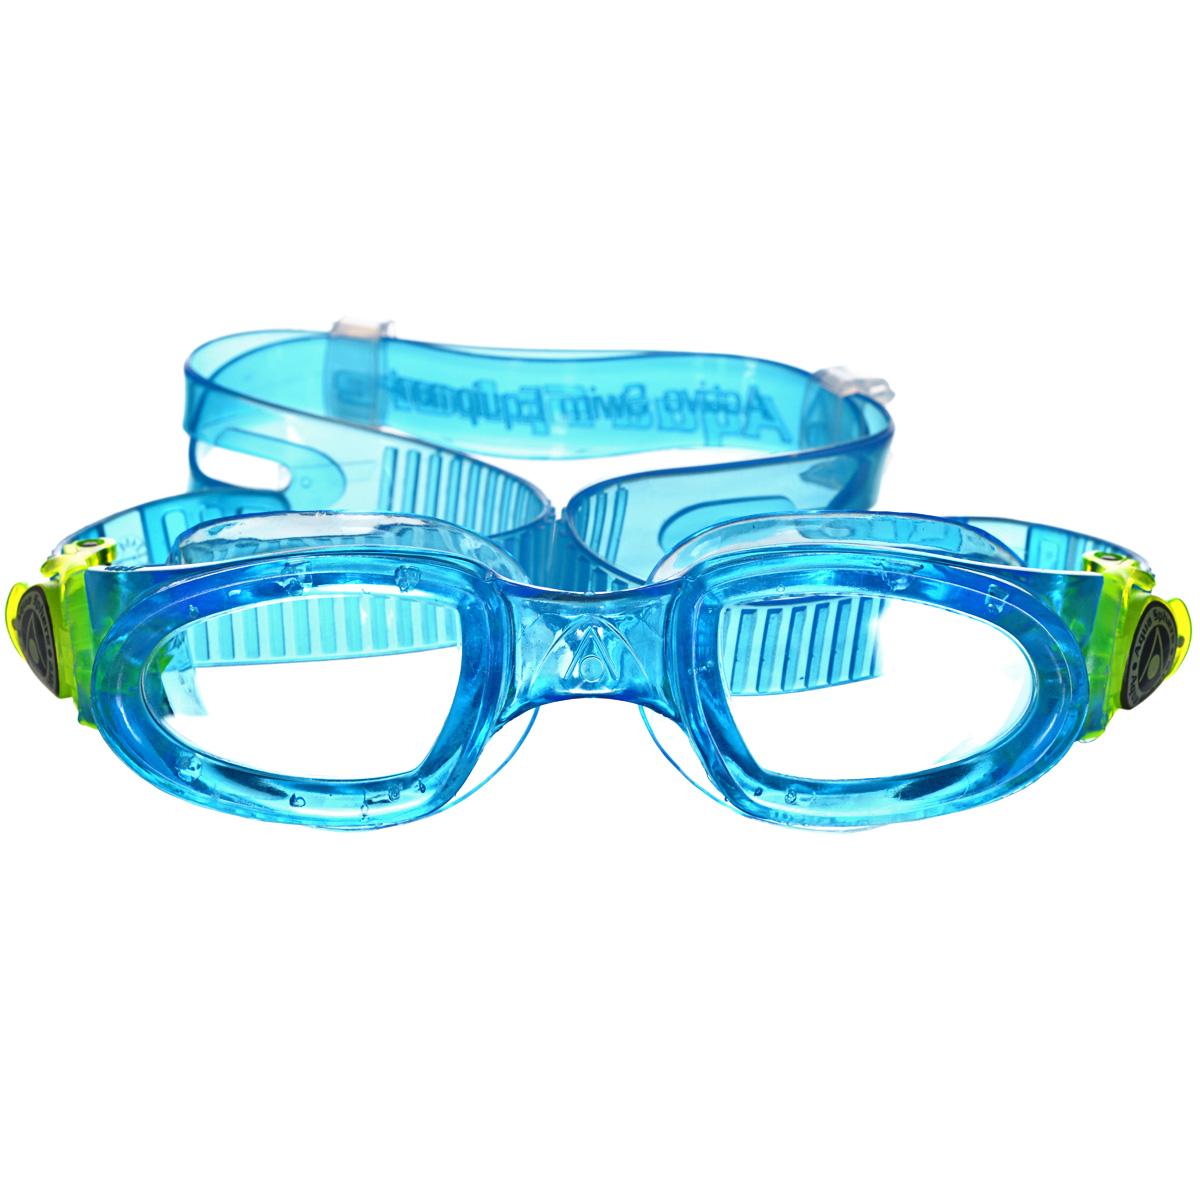 Очки для плавания Aqua Sphere Moby Kid, цвет: голубой, желтыйTN 167900Очки для плавания Aqua Sphere Moby Kid специально для детей и для тех взрослых, кому нужны плавательные очки маленького размера. Оснащены мягкой не травмирующей обтюрацией и увеличенной линзой. Очки дают 100% защиту от ультрафиолетового излучения спектра А и спектра В. Специальное покрытие препятствует запотеванию стекол. Ремешки удобно регулируются. Специальное покрытие защищает от появления царапин.Материал: софтерил, plexisol.